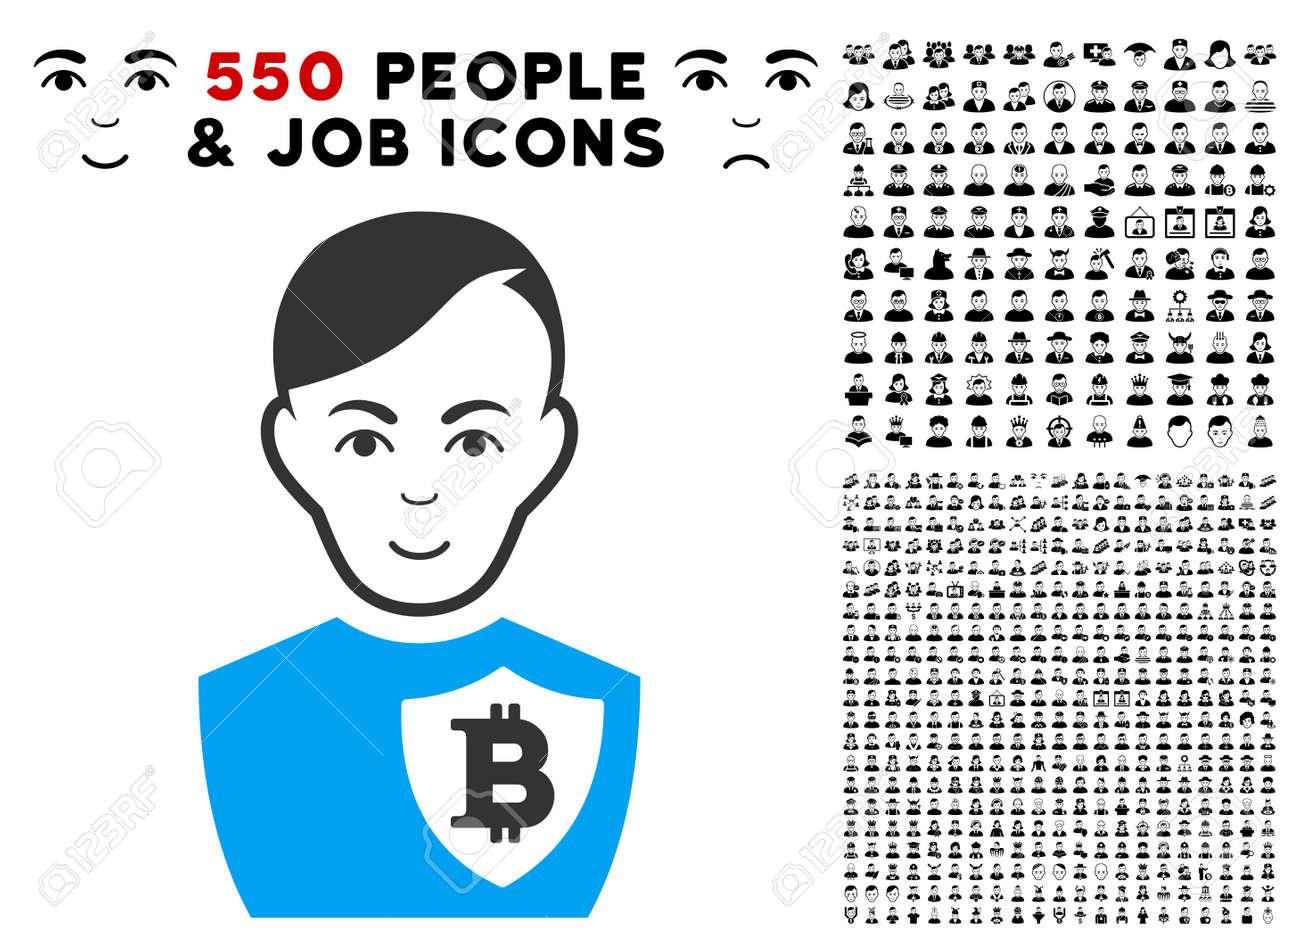 Imágenes numeradas - Página 12 94703517-disfrute-del-pictograma-de-vectores-del-oficial-de-polic%C3%ADa-de-bitcoin-con-550-im%C3%A1genes-predise%C3%B1adas-de-homb